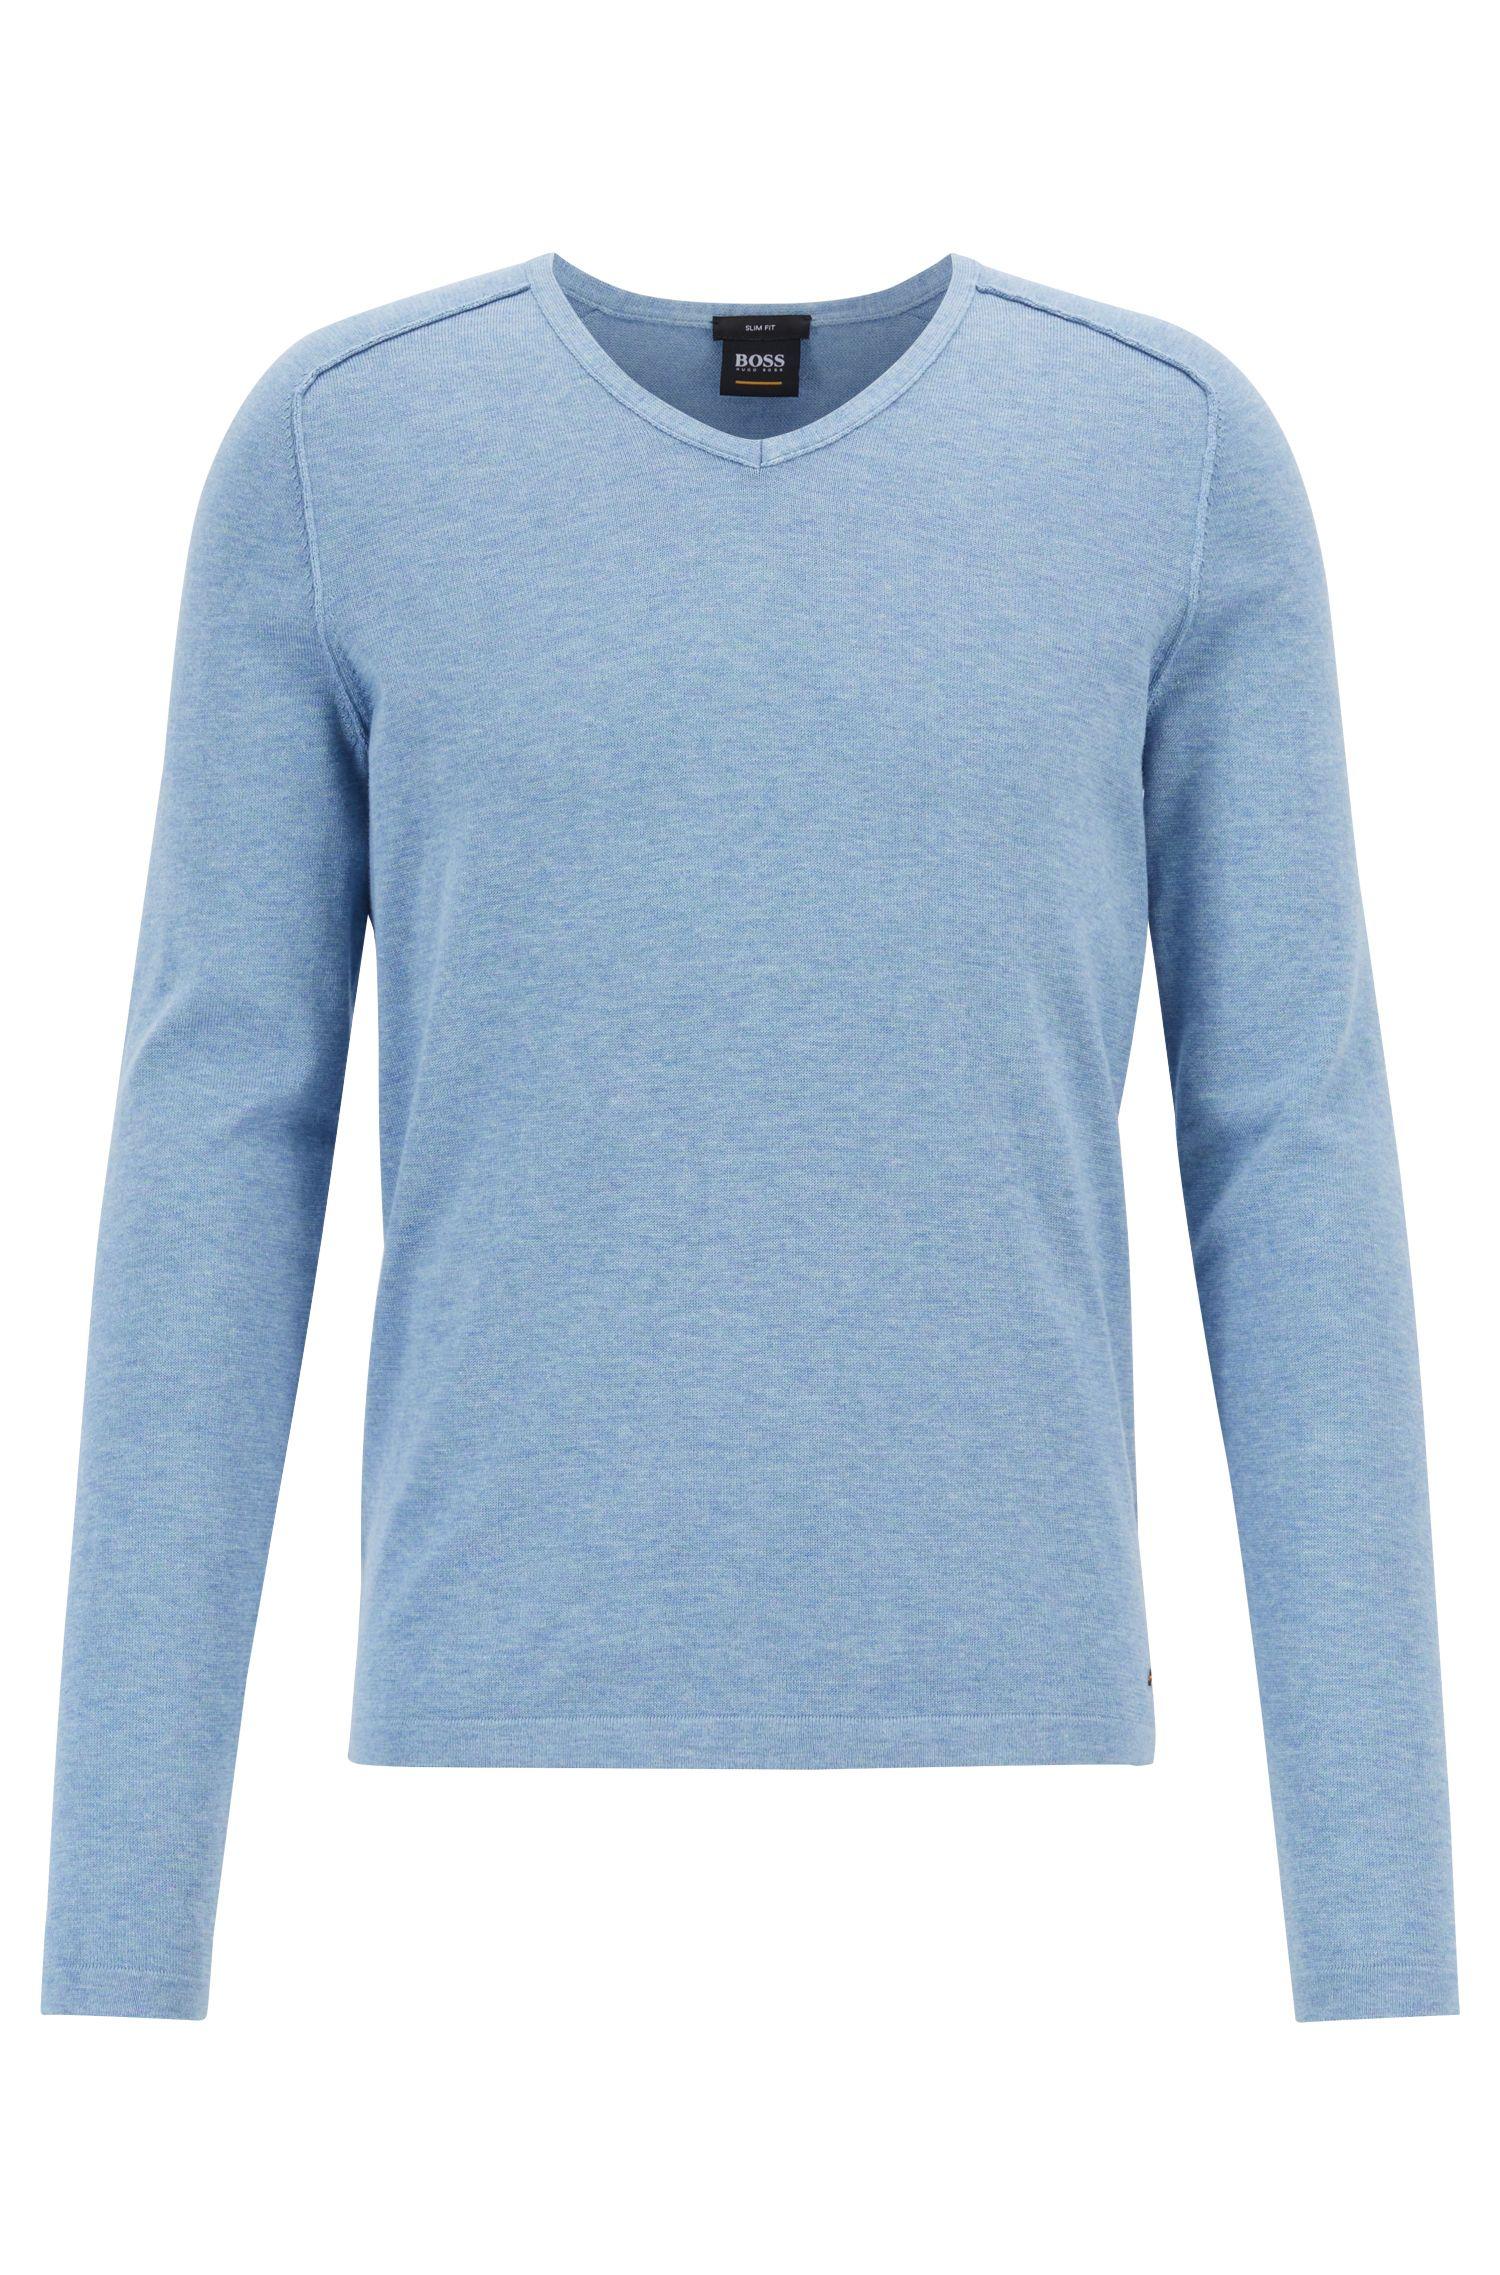 Pullover aus gestrickter Baumwolle mit V-Ausschnitt und Paspel-Details, Hellblau